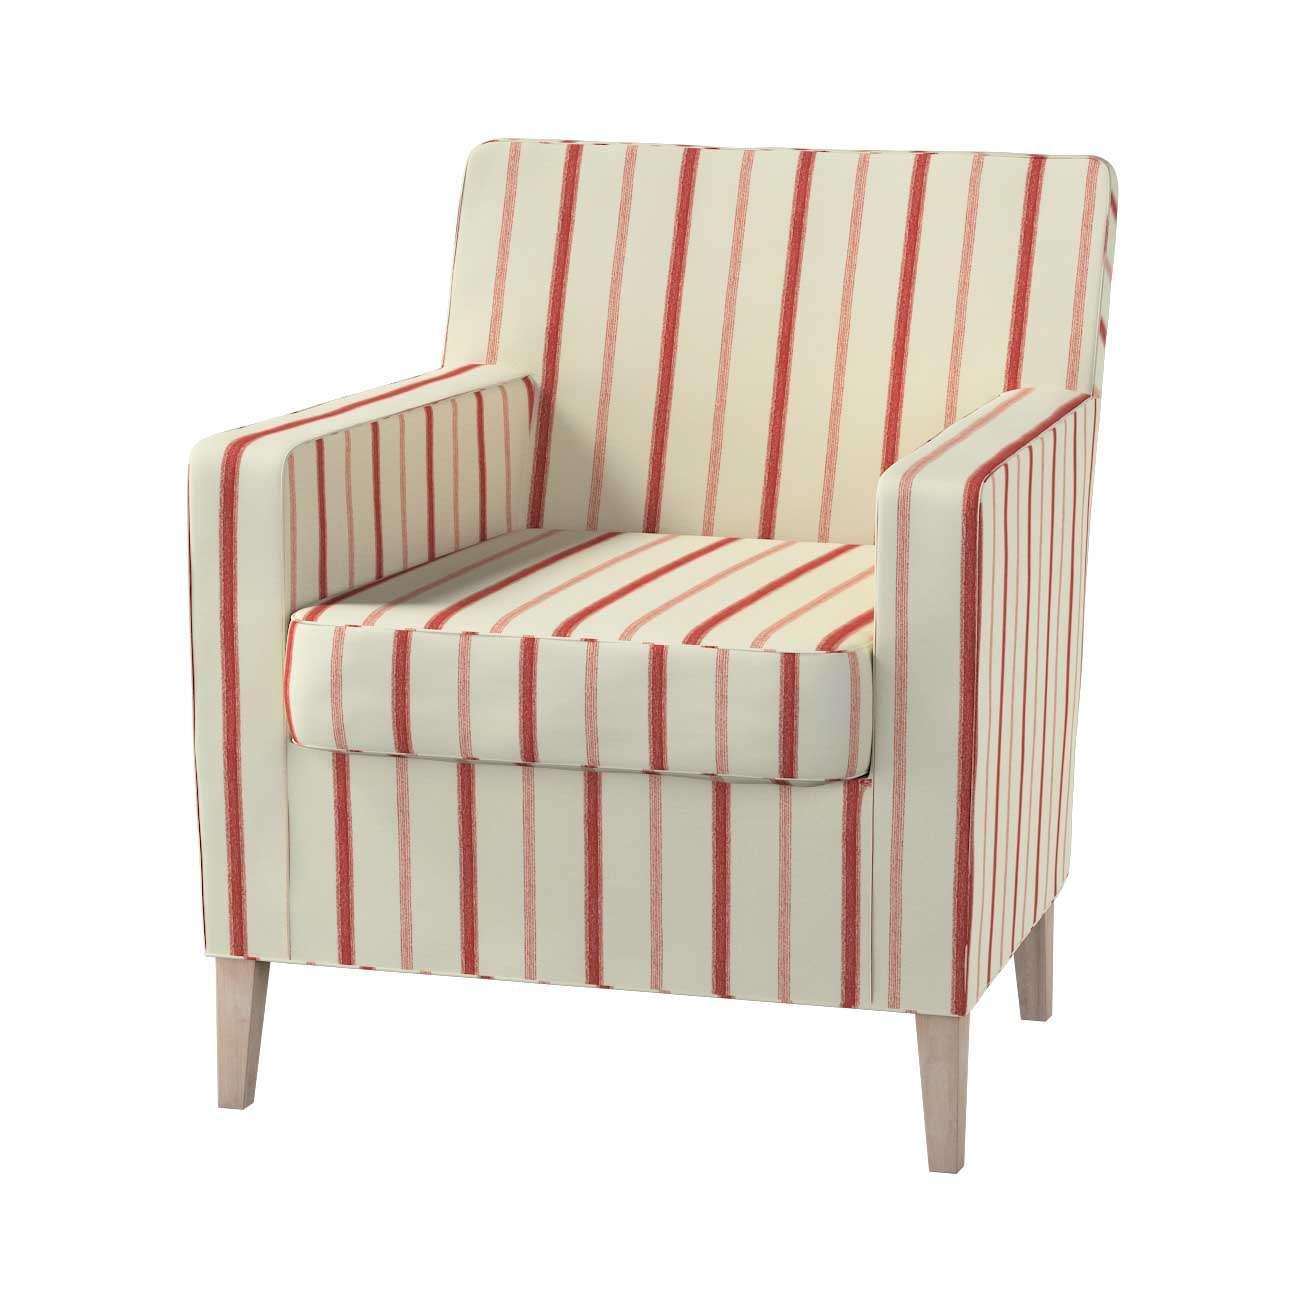 Karlstad fotelio-kėdės užvalkalas Karlstad fotelio - kėdės užvalkalas kolekcijoje Avinon, audinys: 129-15